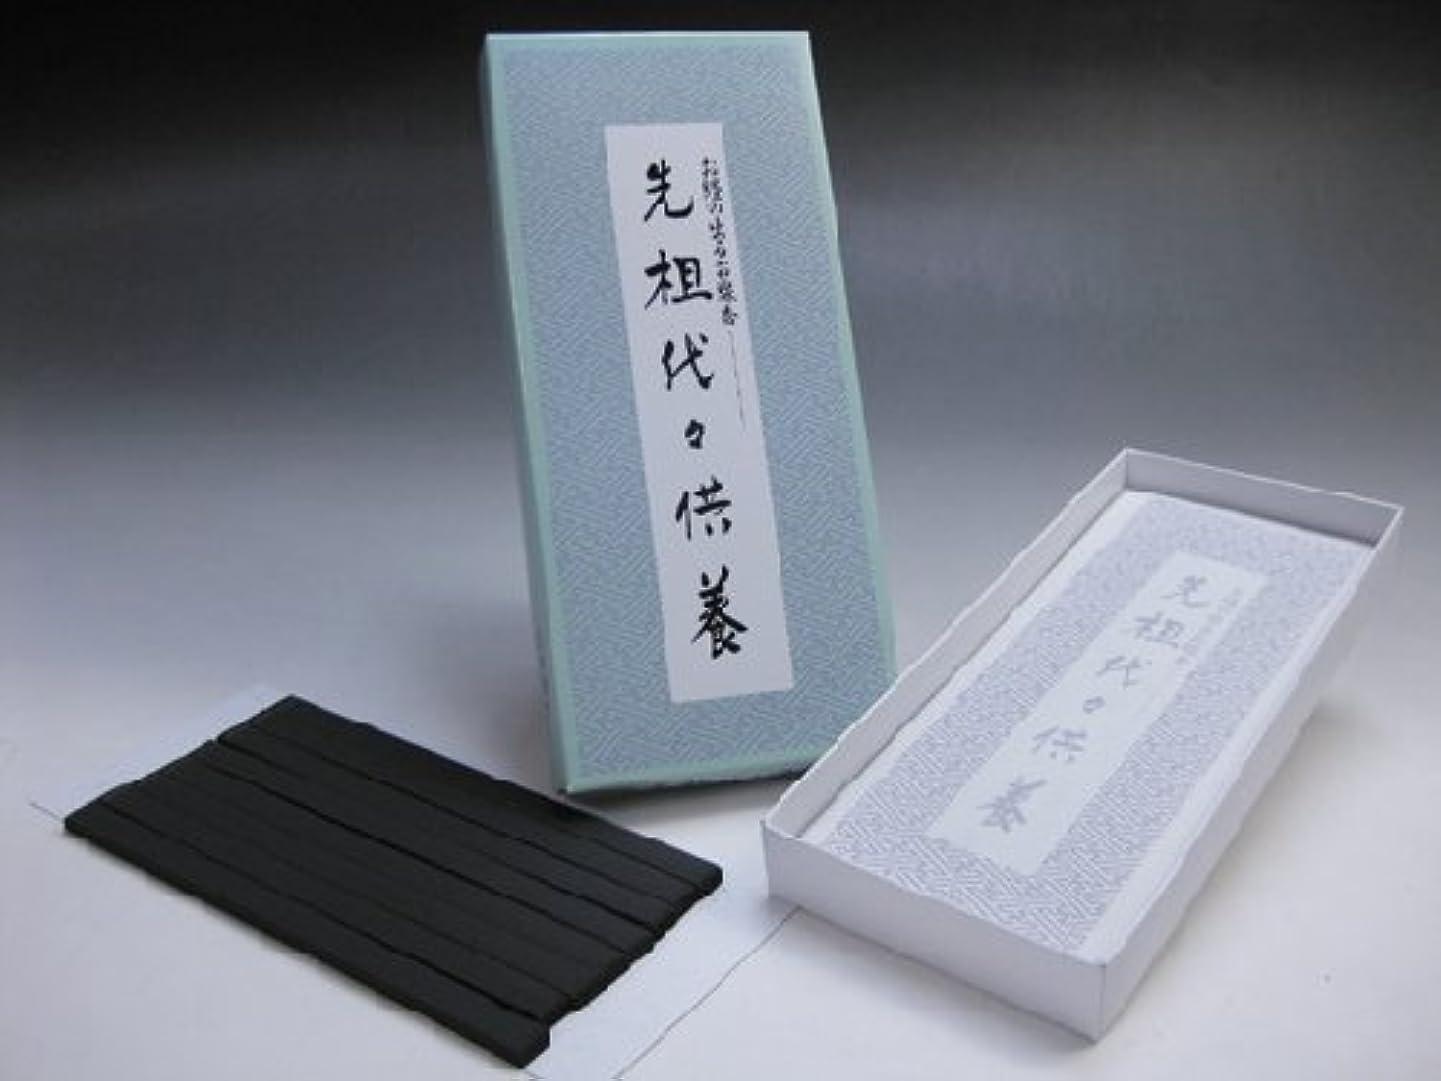 収入気をつけて絶対の日本香堂のお線香 経文香 先祖代々供養